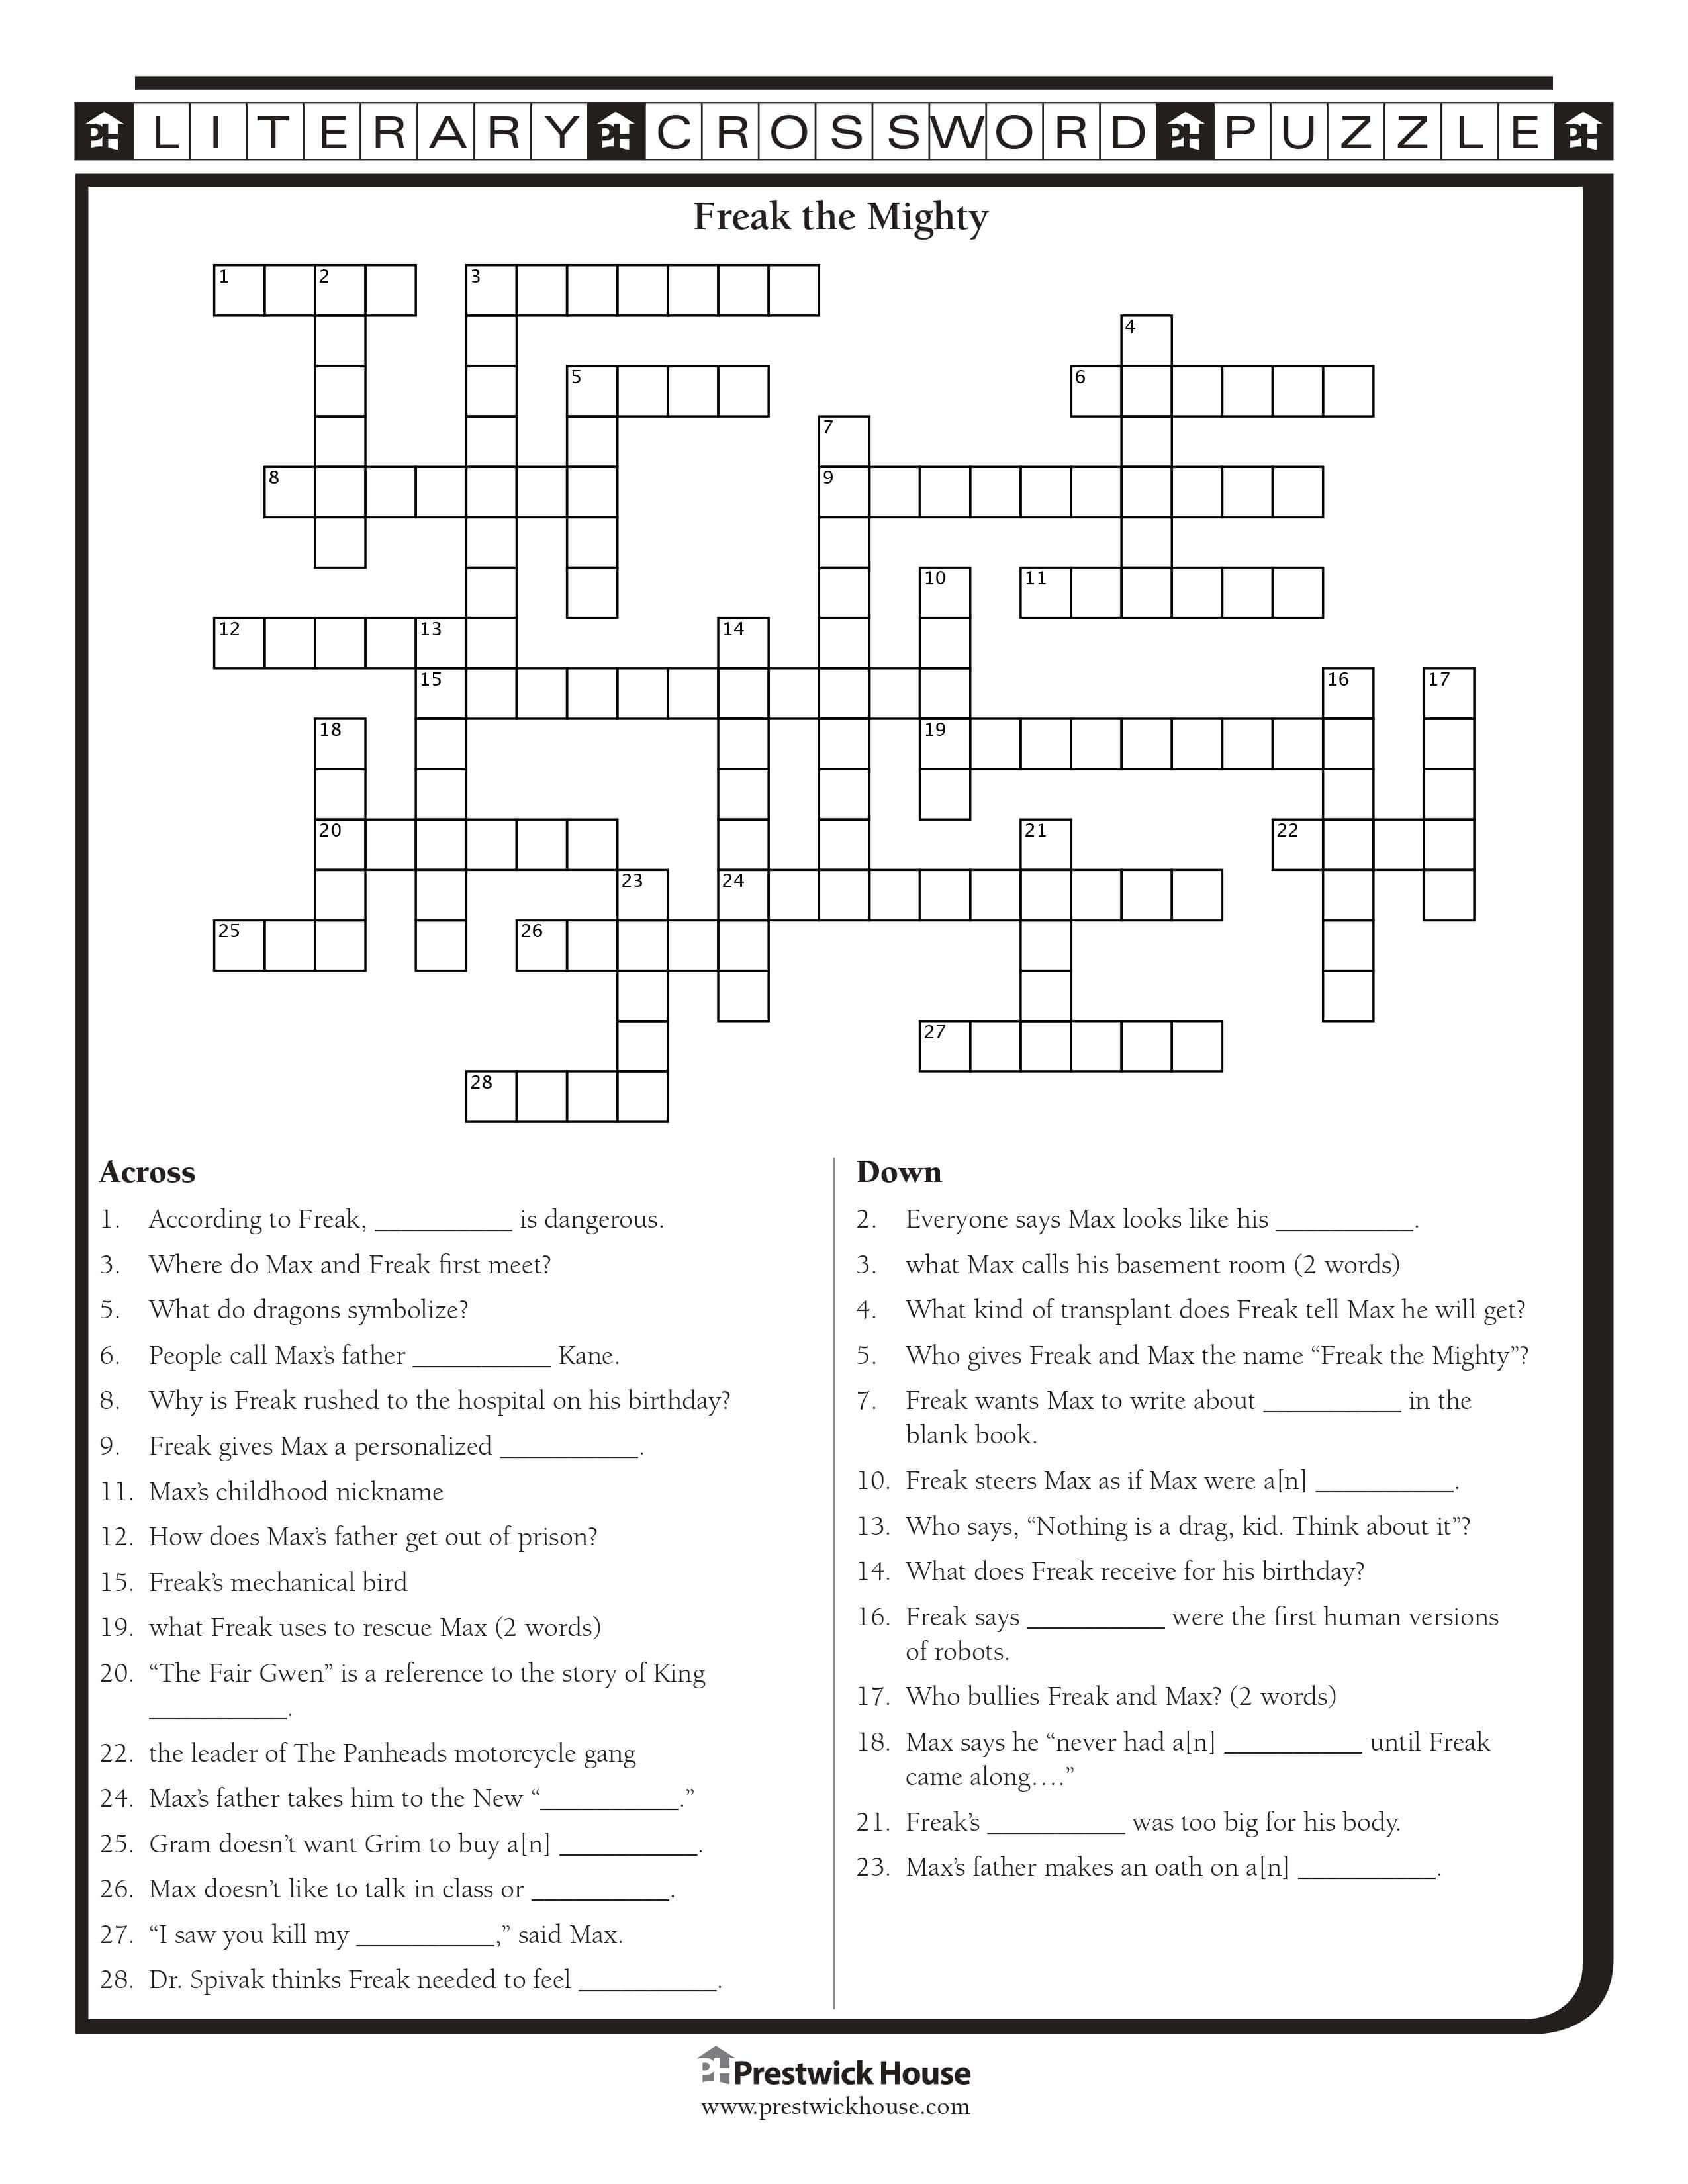 Freak The Mighty Crossword Puzzle Freak The Mighty Printable Crossword Puzzles Crossword Puzzle